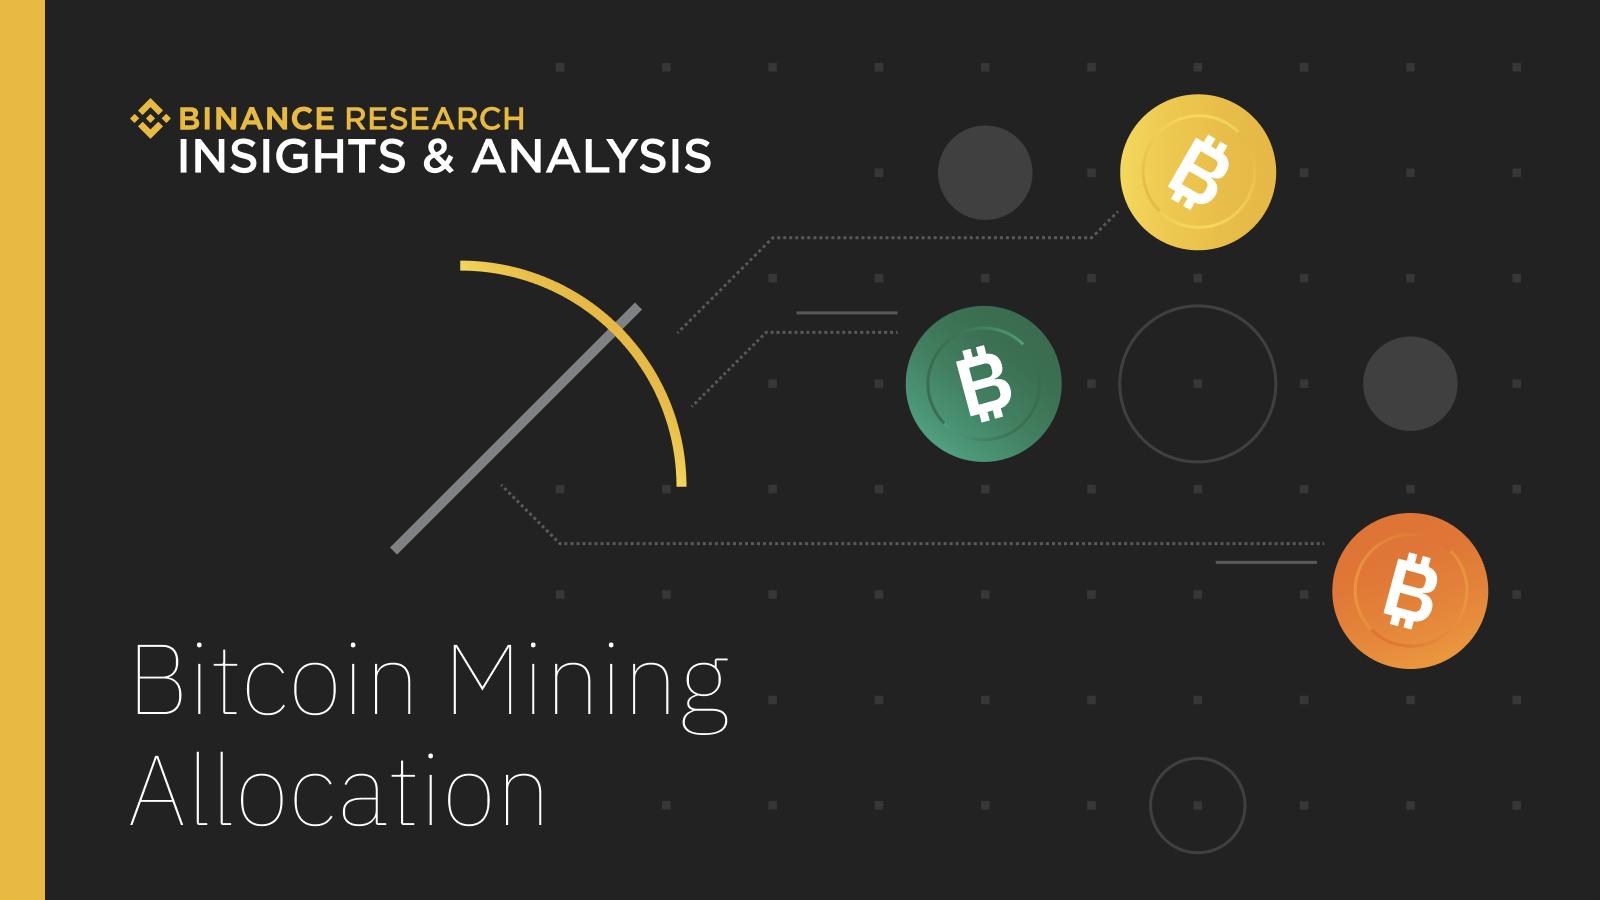 Báo cáo mới từ Binance Research